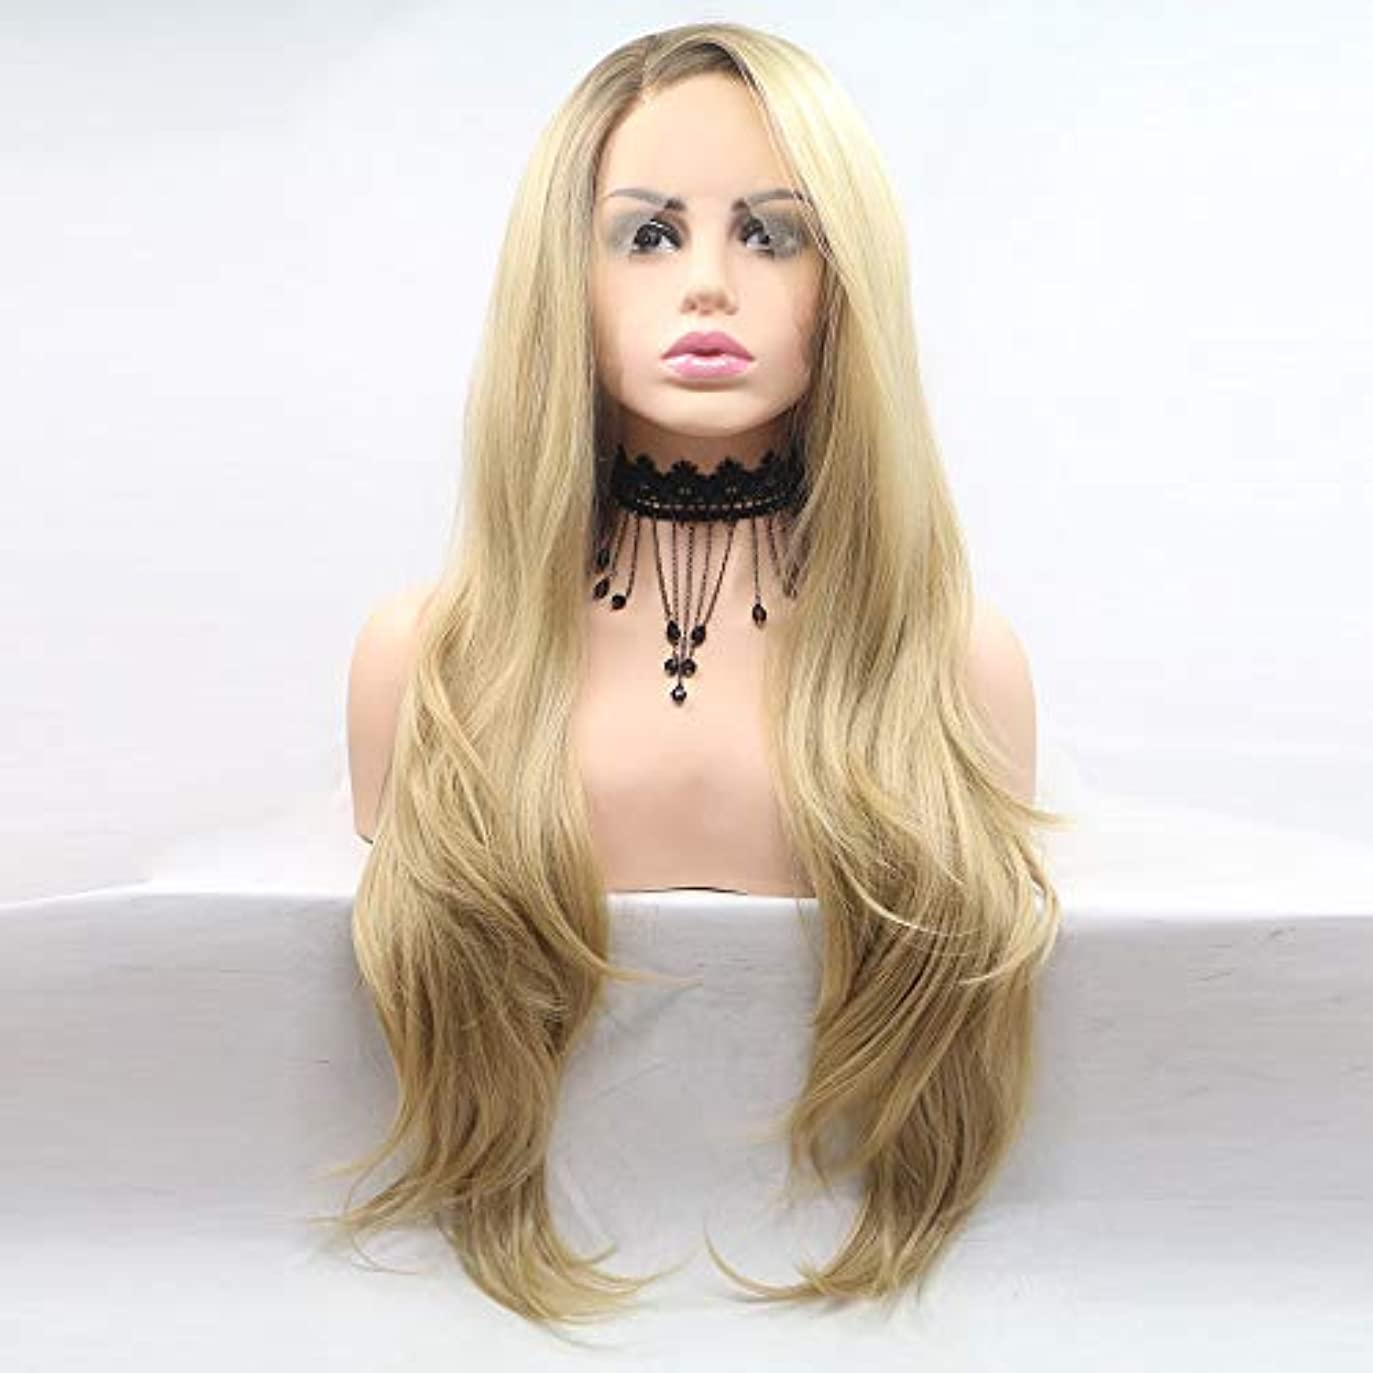 禁止するクレタベストヘアピース 女性向けウィッグ化学繊維の真ん中にあるヨーロッパとアメリカのウィッグセットウィッグヘアセット-サイドポイント-長い巻き毛-イエロー